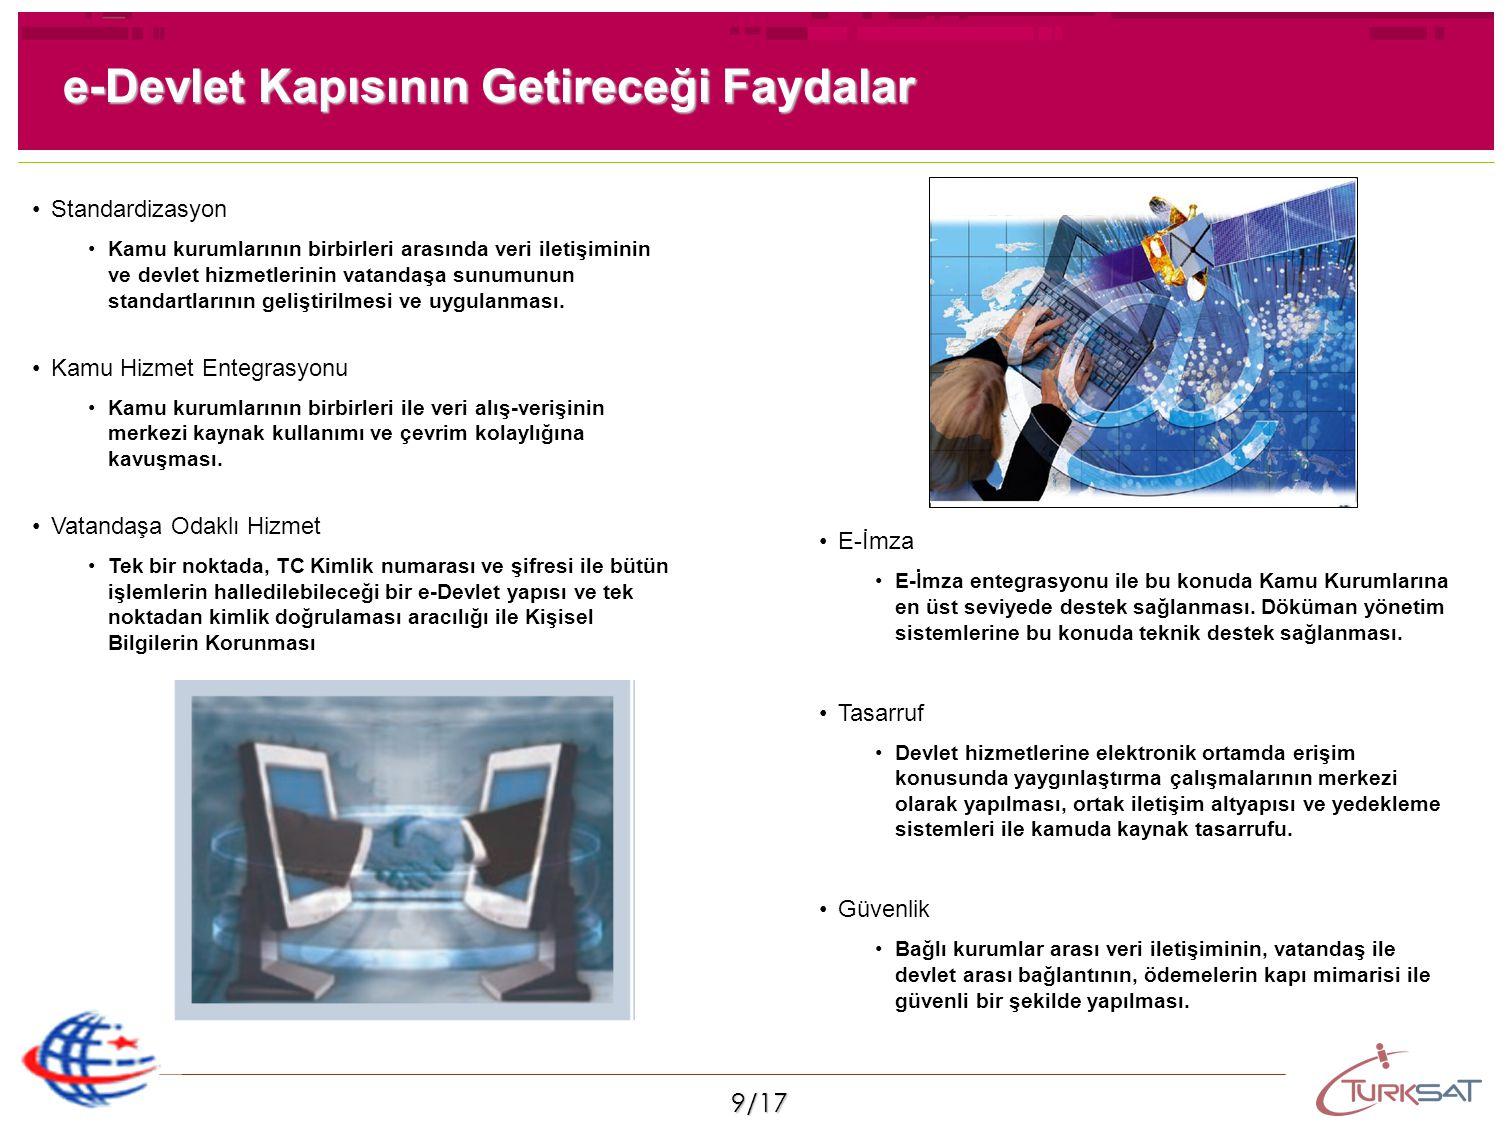 9/17 e-Devlet Kapısının Getireceği Faydalar Standardizasyon Kamu kurumlarının birbirleri arasında veri iletişiminin ve devlet hizmetlerinin vatandaşa